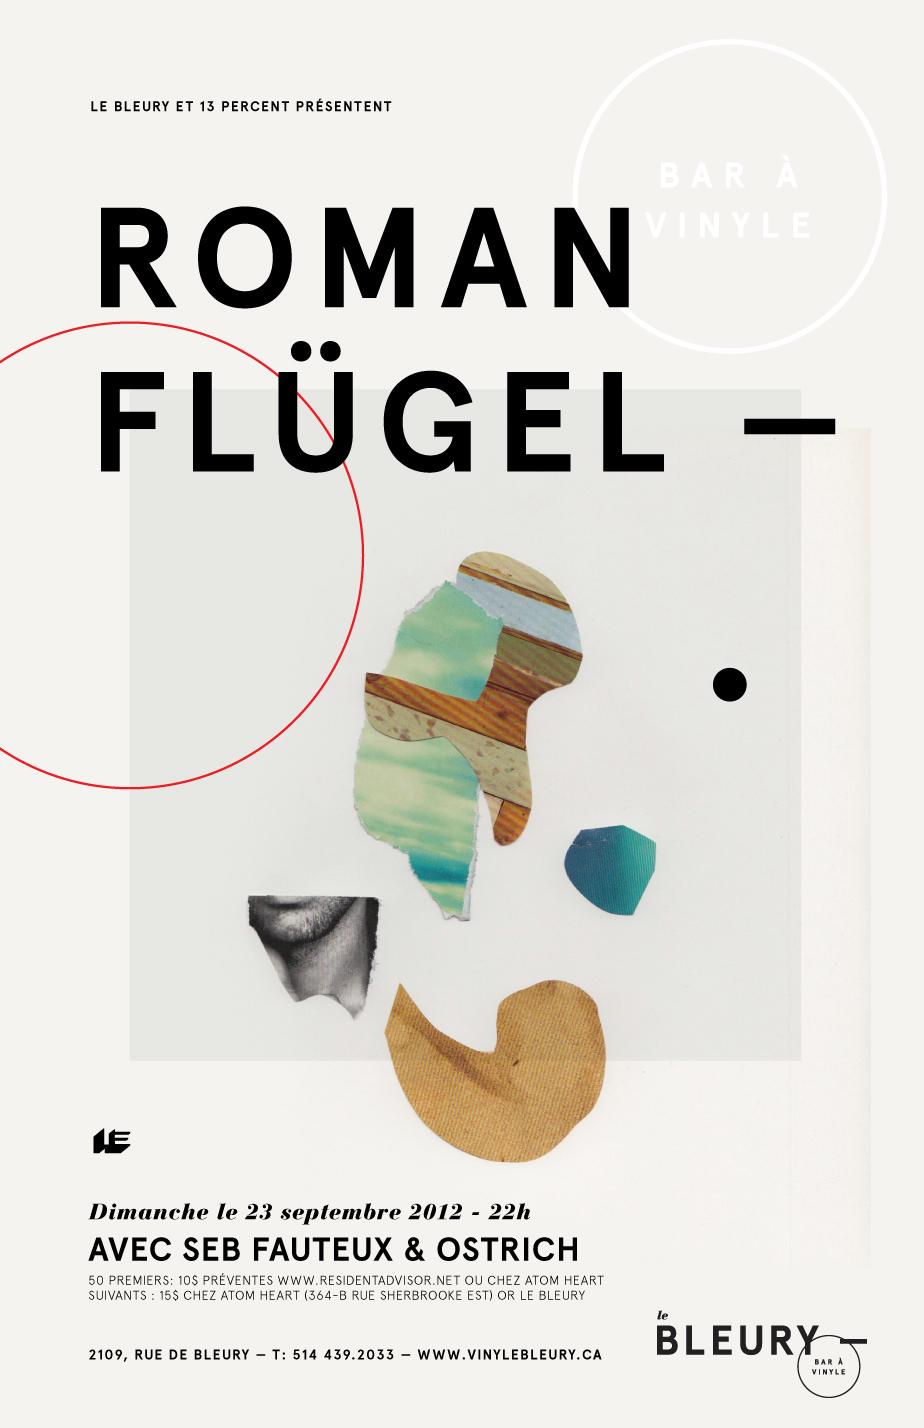 Flugel_final